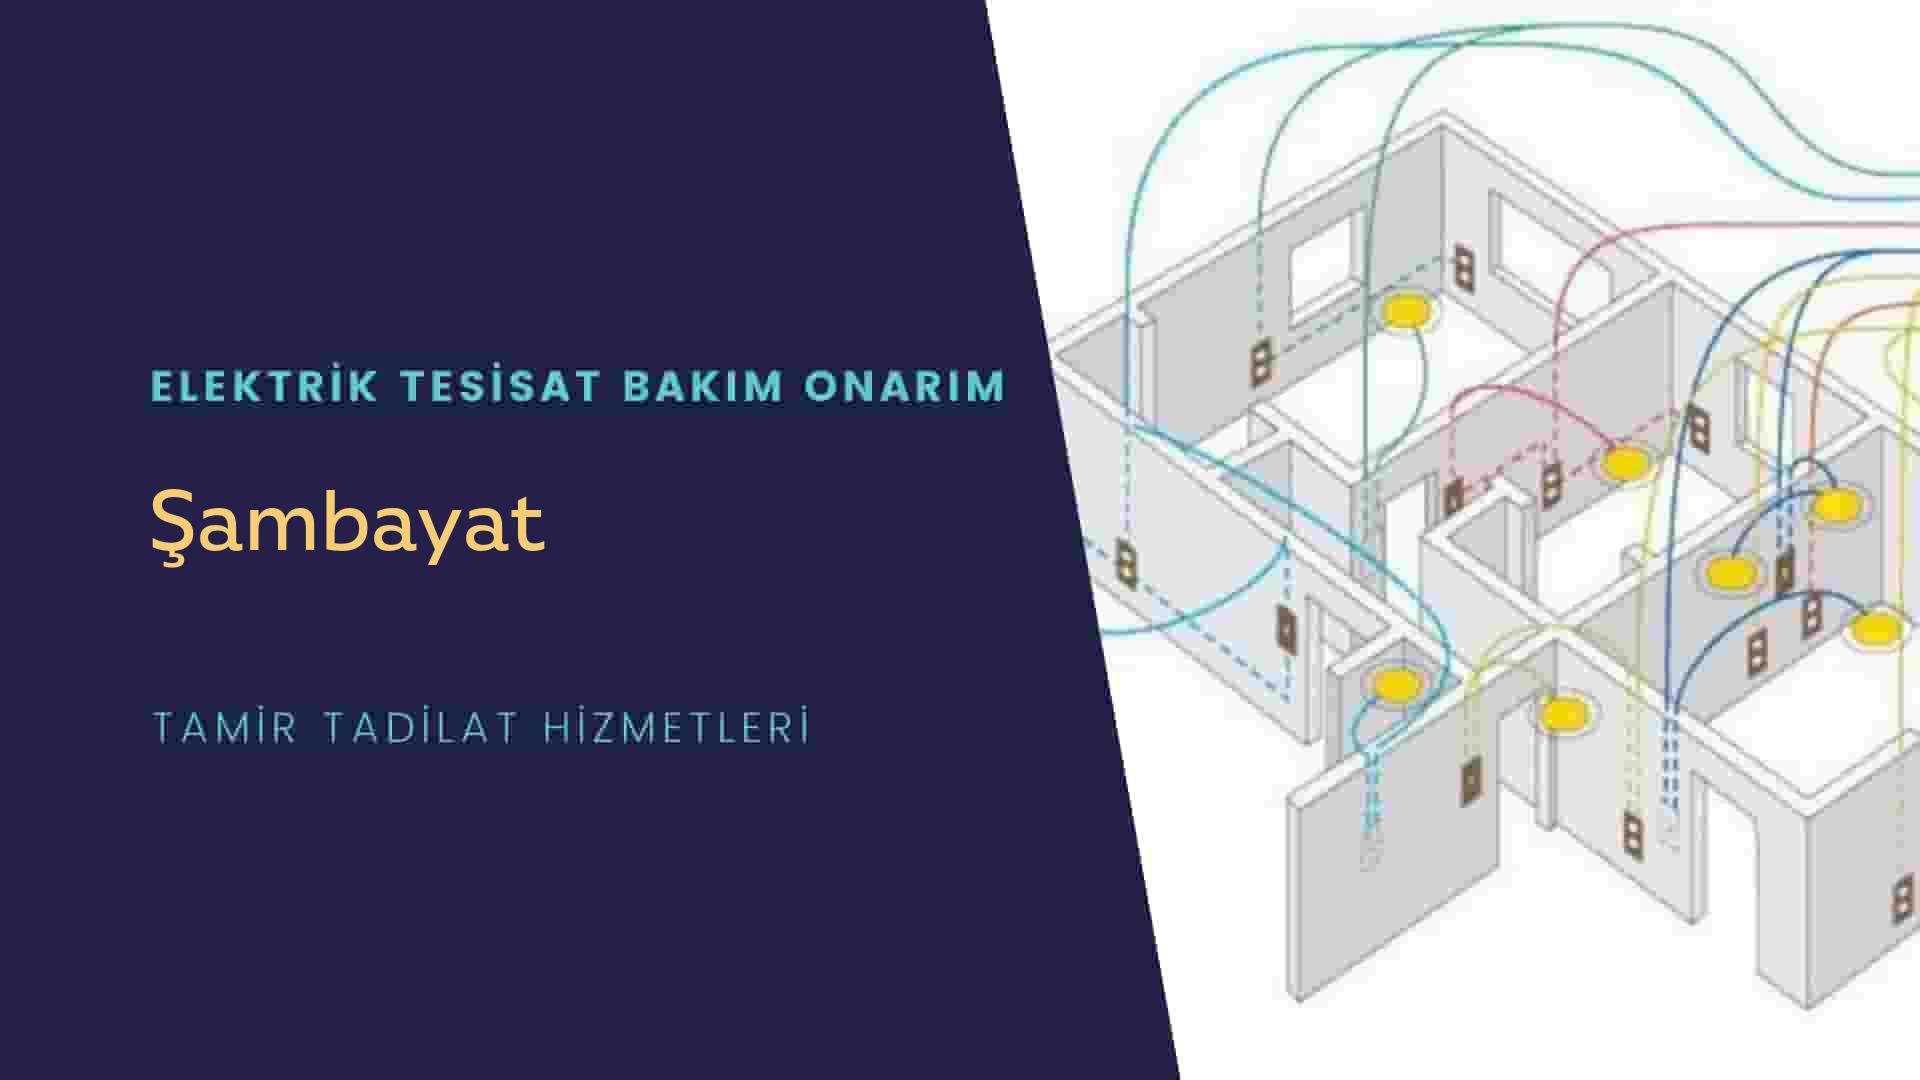 Şambayat'ta elektrik tesisatıustalarımı arıyorsunuz doğru adrestenizi Şambayat elektrik tesisatı ustalarımız 7/24 sizlere hizmet vermekten mutluluk duyar.